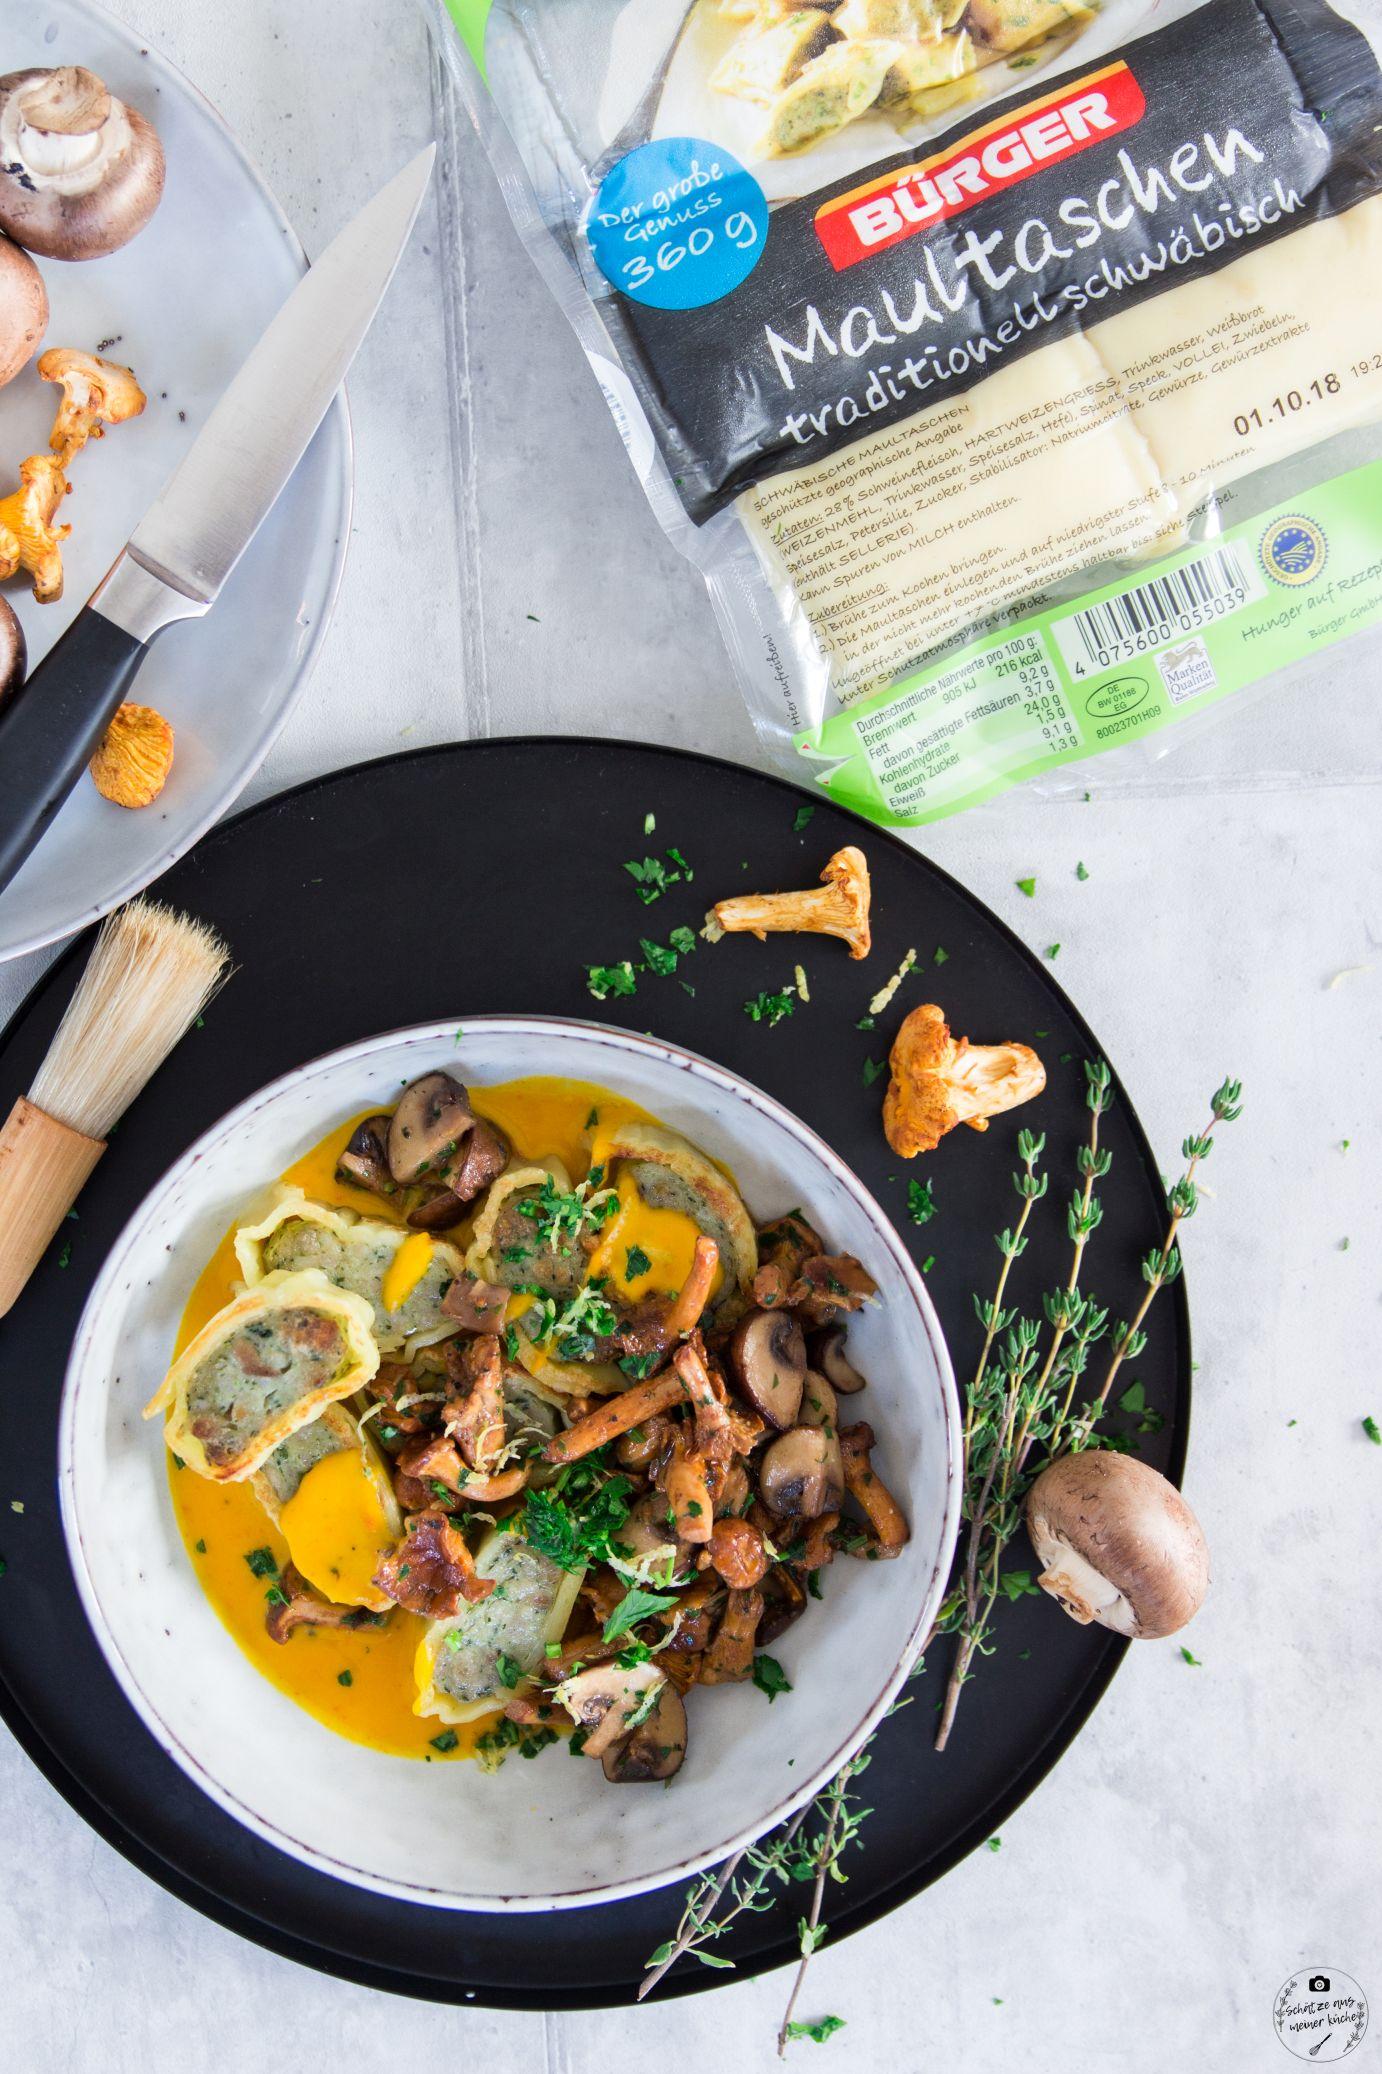 Gebratene Maultaschen mit Hokkaido-Kürbissauce und Pilz-Kräuter-Gemüse Bürger Maultaschen Schätze aus meiner Küche